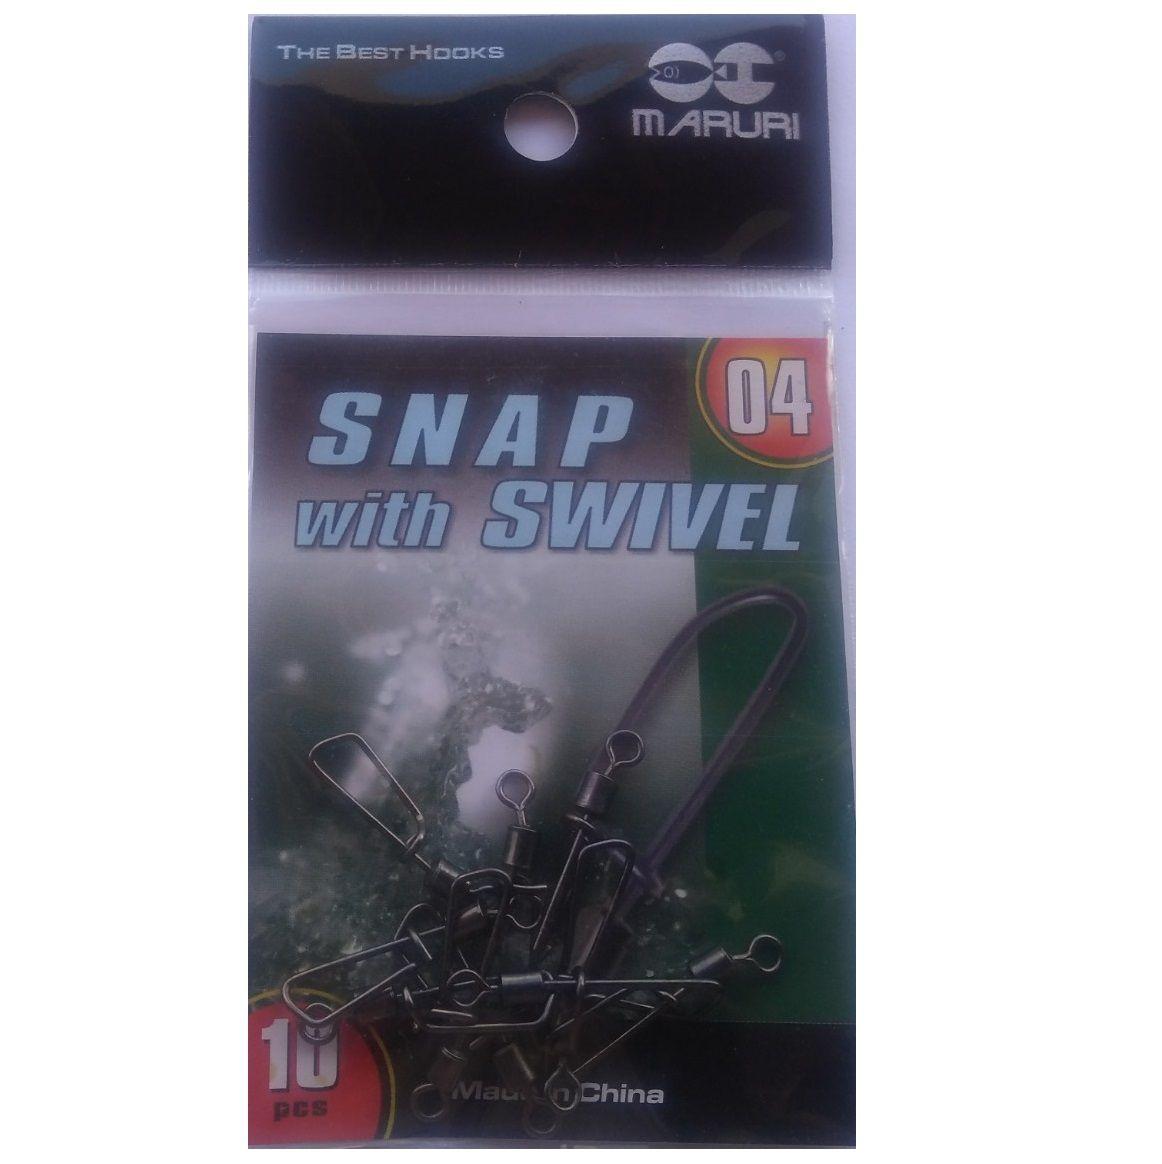 Snap Giratório Maruri Nº 4 (2,6cm) Black Nickel - 10 Peças  - Life Pesca - Sua loja de Pesca, Camping e Lazer